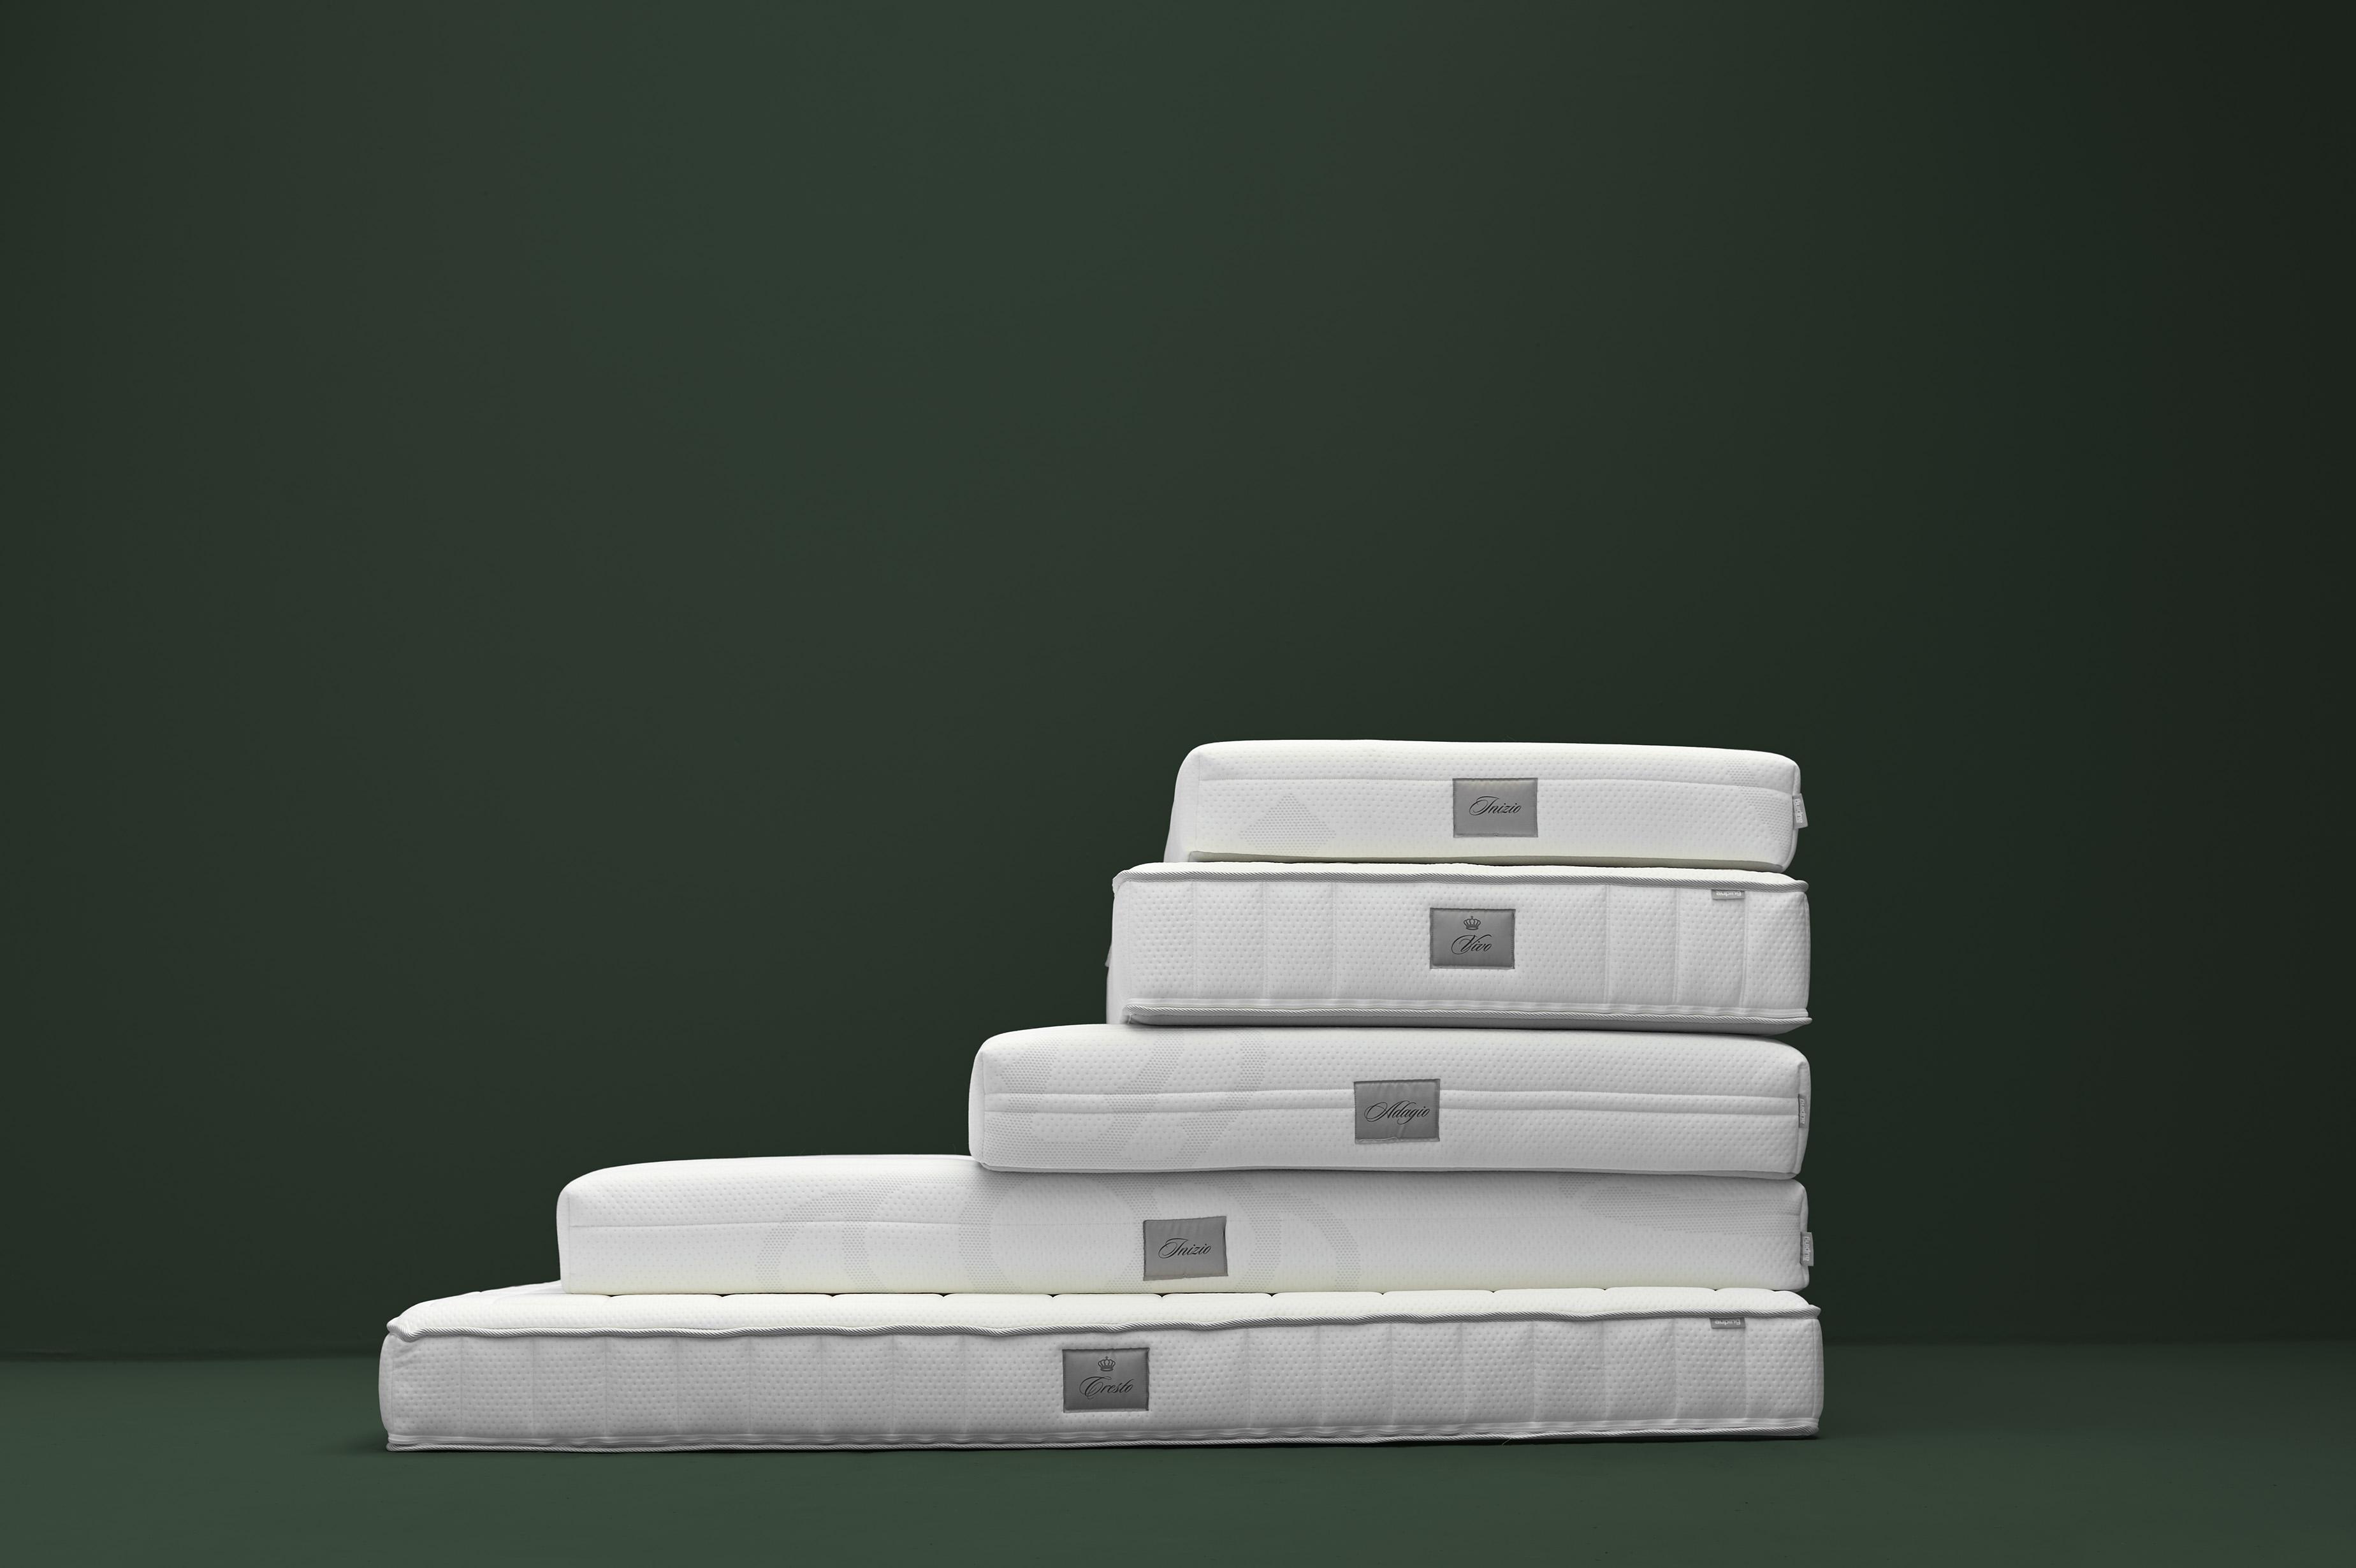 die garantie von auping hier die bedingungen. Black Bedroom Furniture Sets. Home Design Ideas